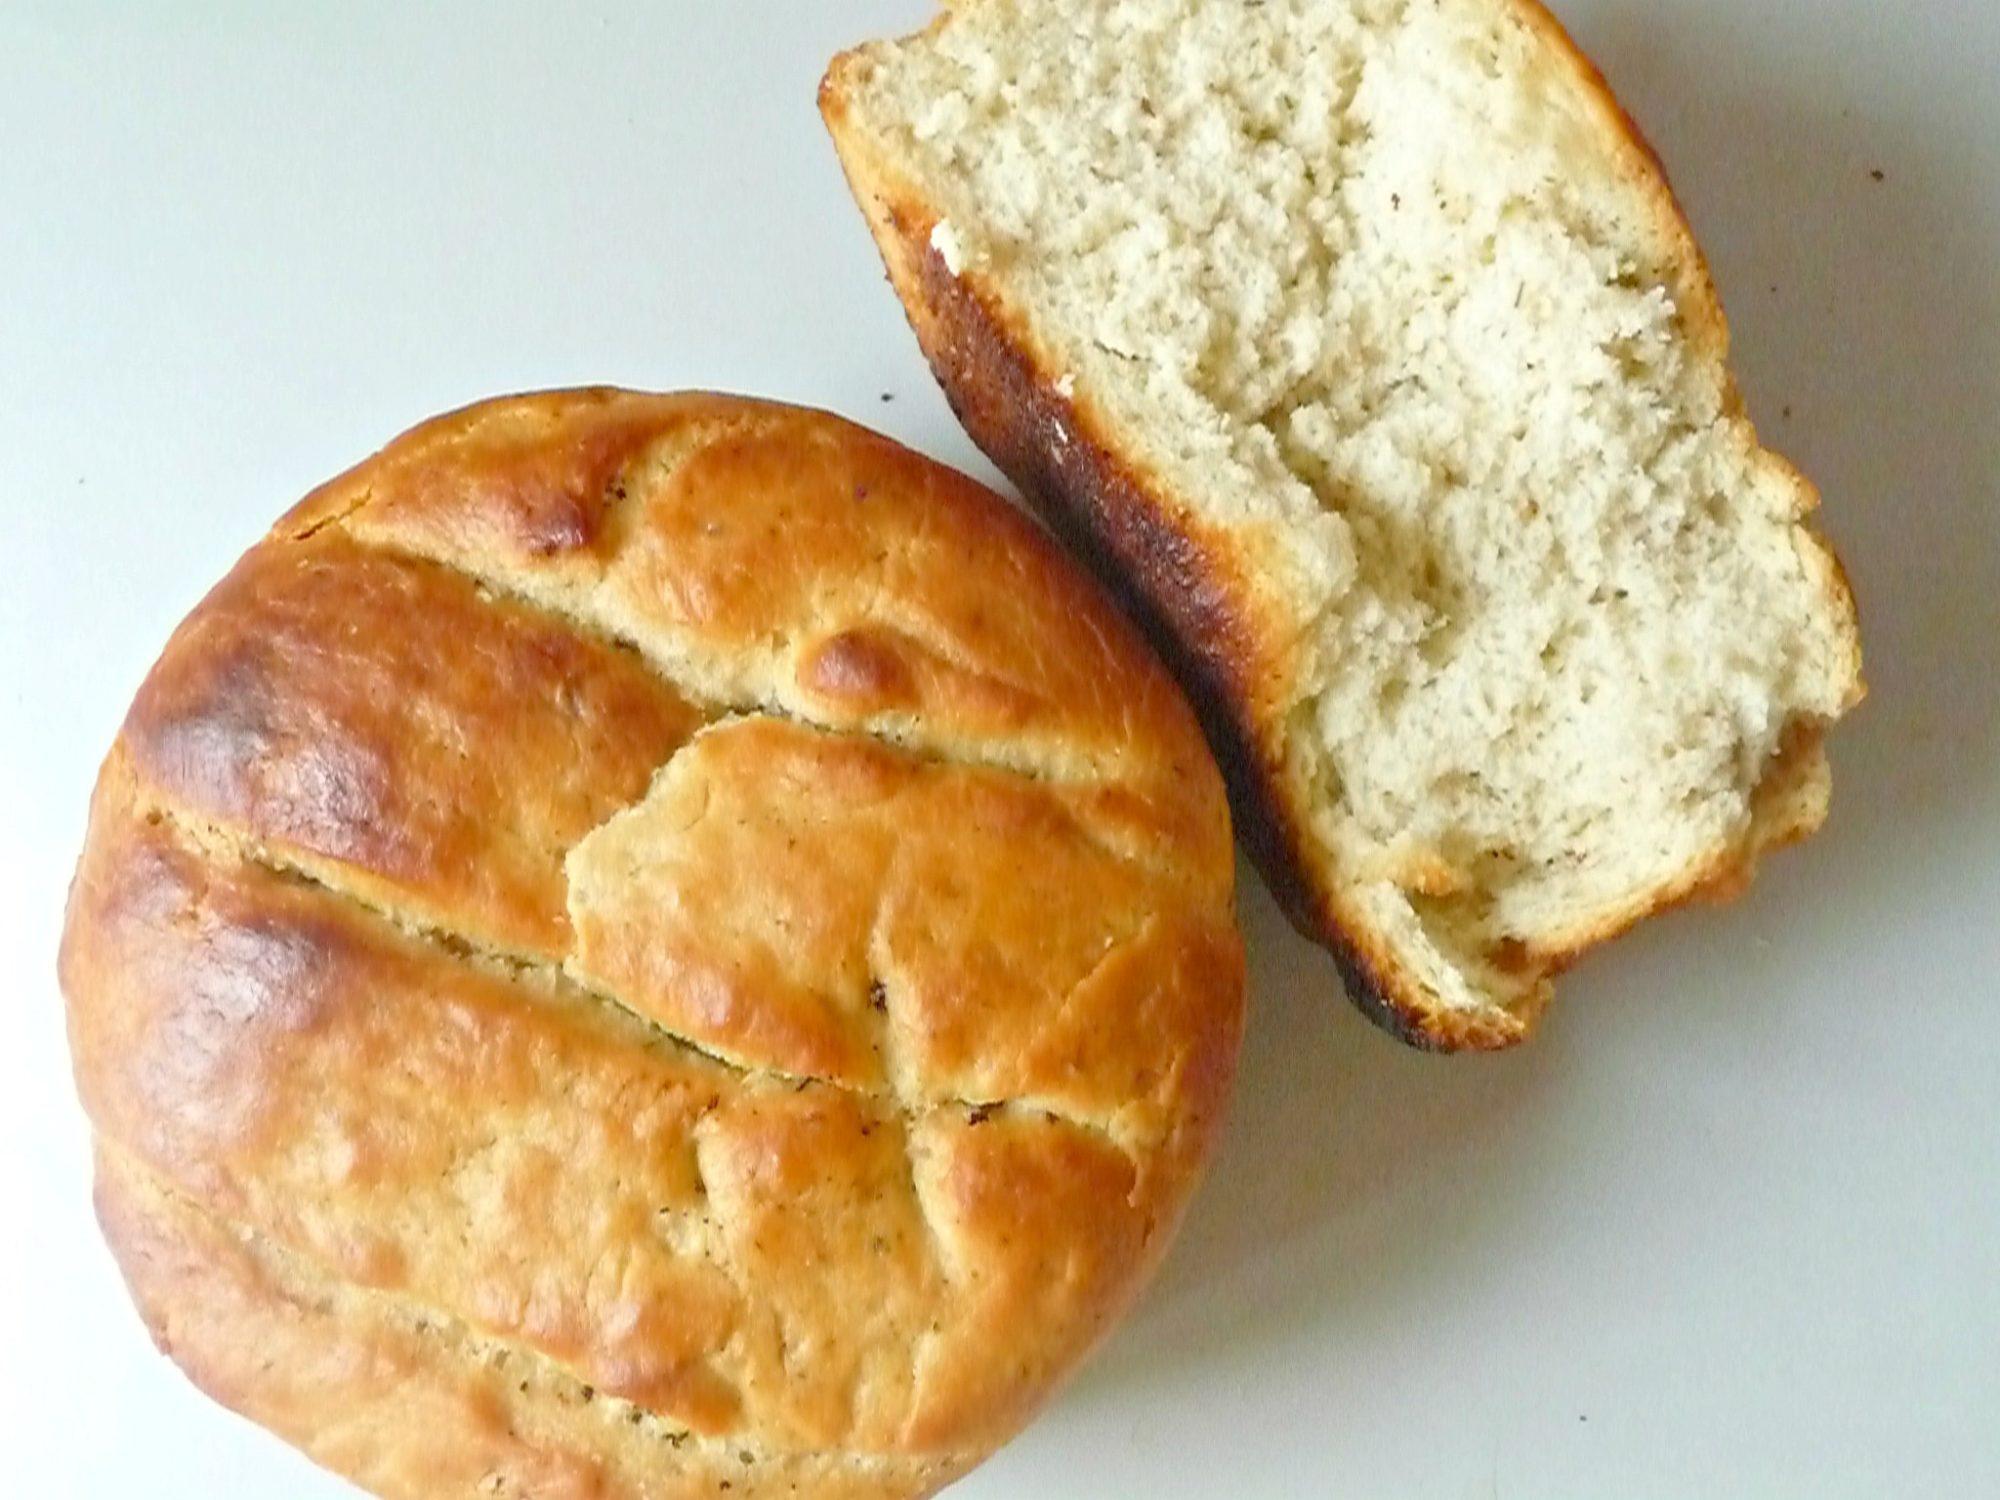 Gluten Free Bread recipe - The Seaman Mom